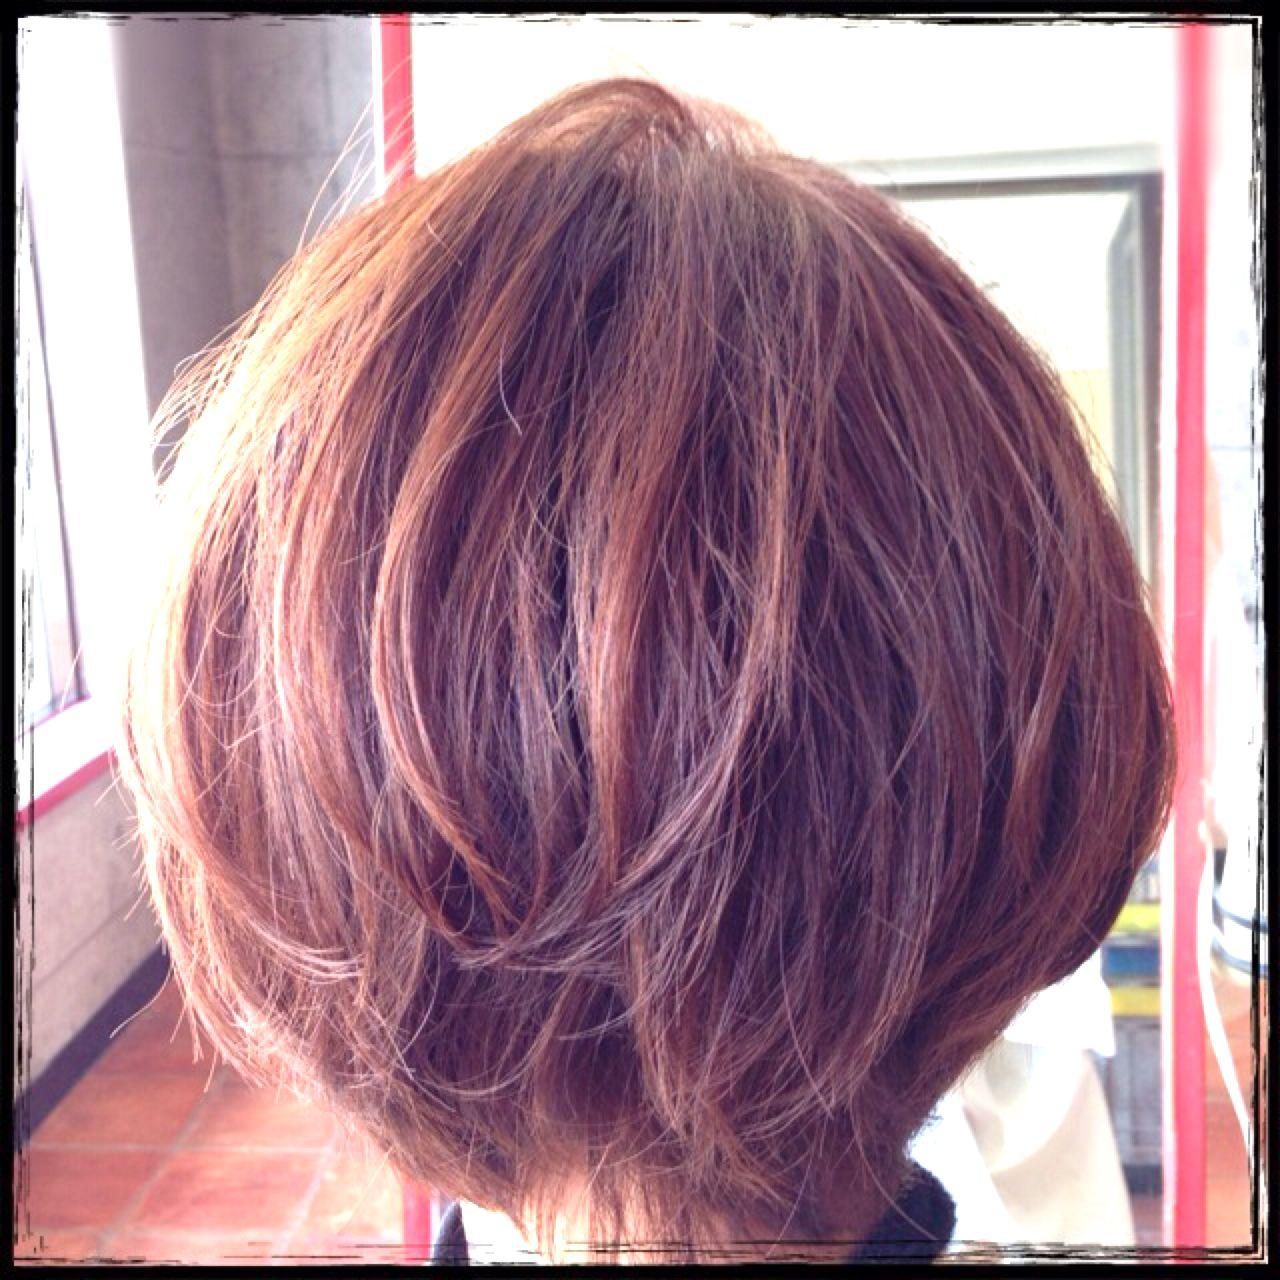 アッシュ ショート モテ髪 愛され ヘアスタイルや髪型の写真・画像 | 荒 貴俊 / hair salon SPARK